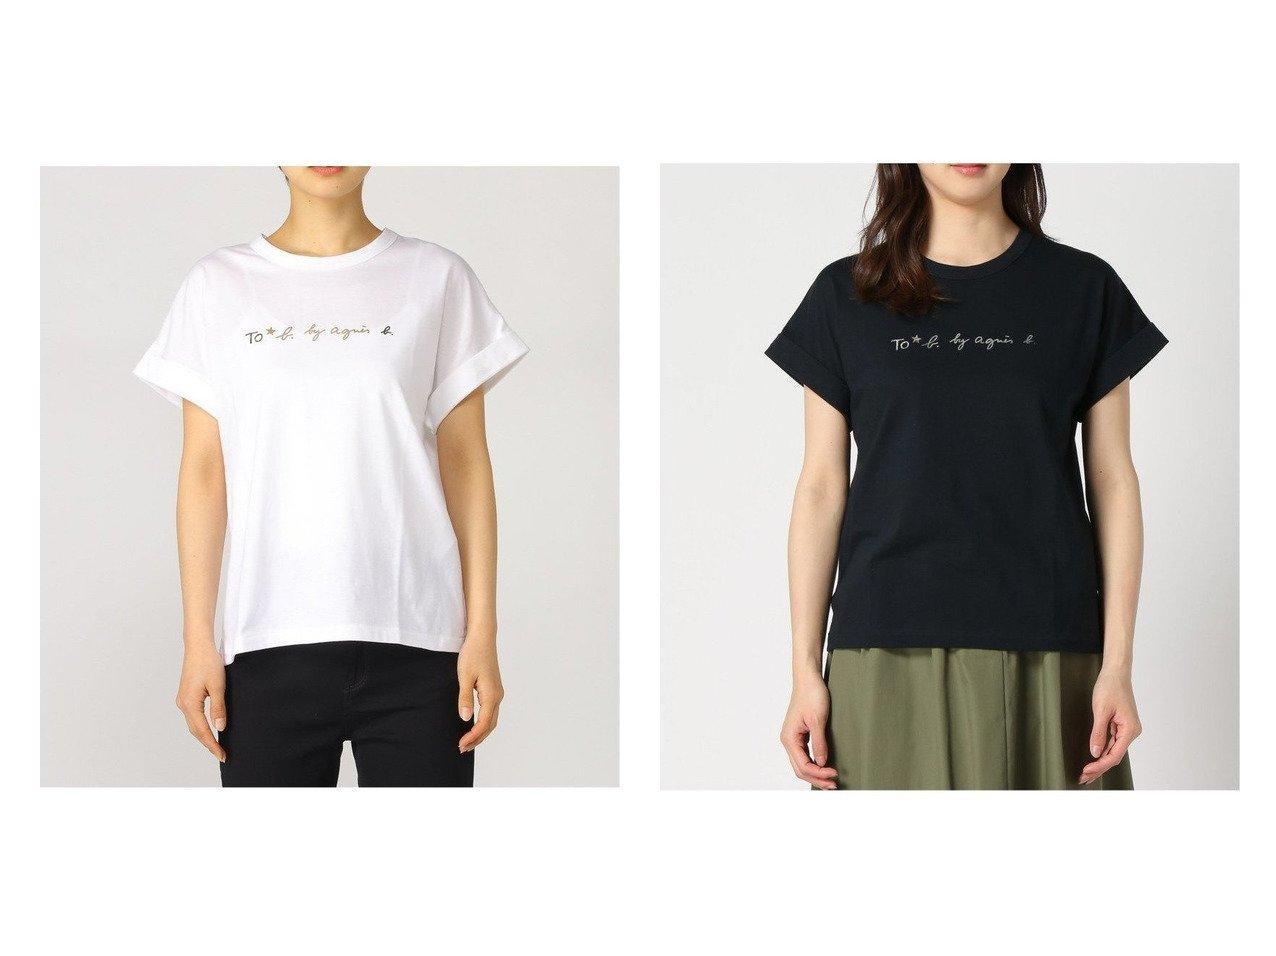 【To b. by agnes b./トゥービー バイ アニエスベー】のTo b. by agnes b./W984 ロゴTシャツ おすすめ!人気トレンド・レディースファッション通販 おすすめで人気の流行・トレンド、ファッションの通販商品 インテリア・家具・メンズファッション・キッズファッション・レディースファッション・服の通販 founy(ファニー) https://founy.com/ ファッション Fashion レディースファッション WOMEN トップス・カットソー Tops/Tshirt シャツ/ブラウス Shirts/Blouses ロング / Tシャツ T-Shirts カットソー Cut and Sewn カットソー フロント 春 Spring |ID:crp329100000046056